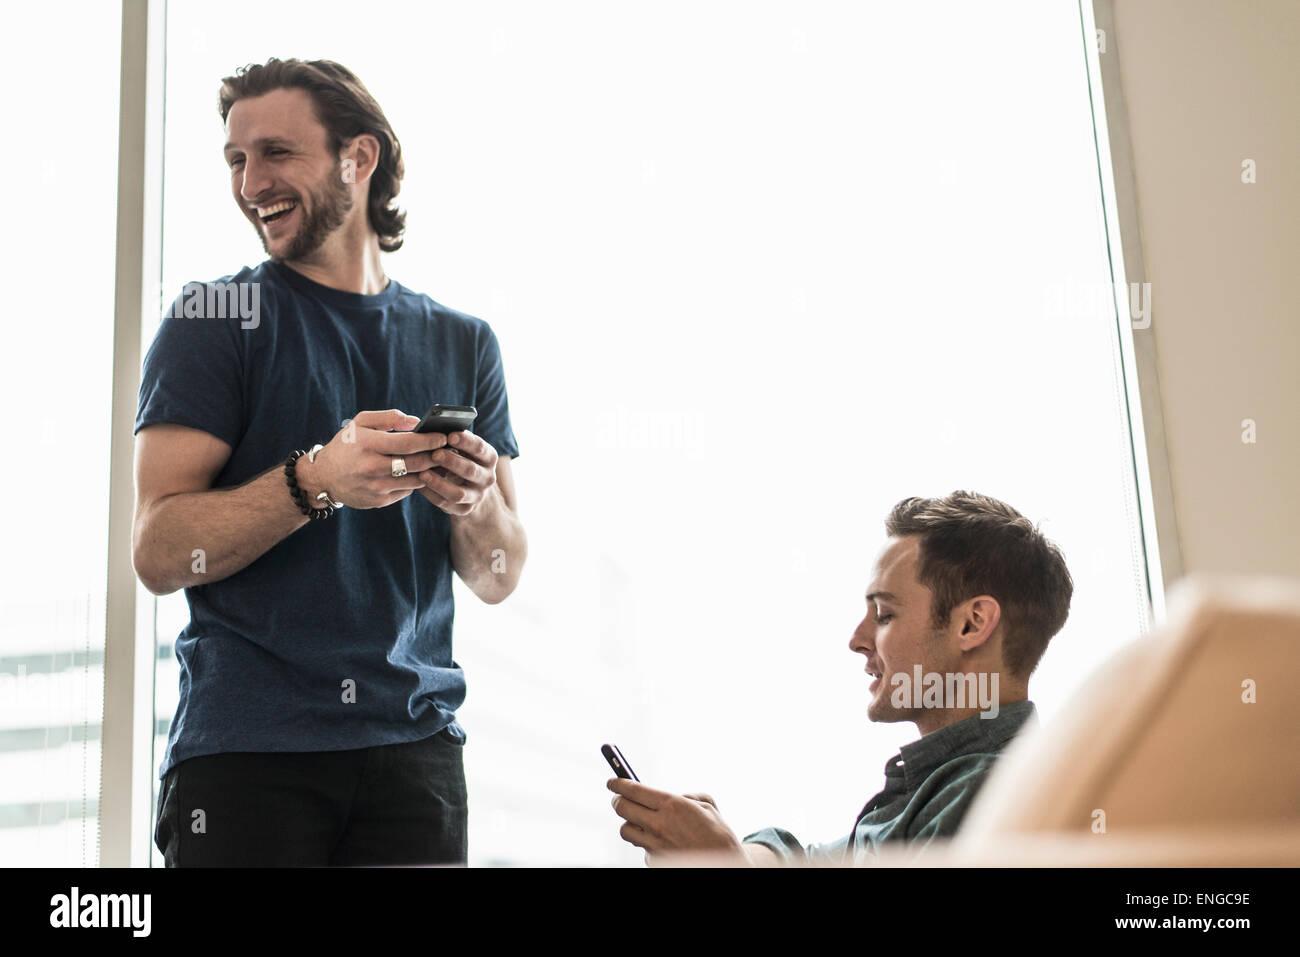 Dos hombres en una oficina, comprobación de sus teléfonos inteligentes. Uno mirando lejos riendo. Imagen De Stock